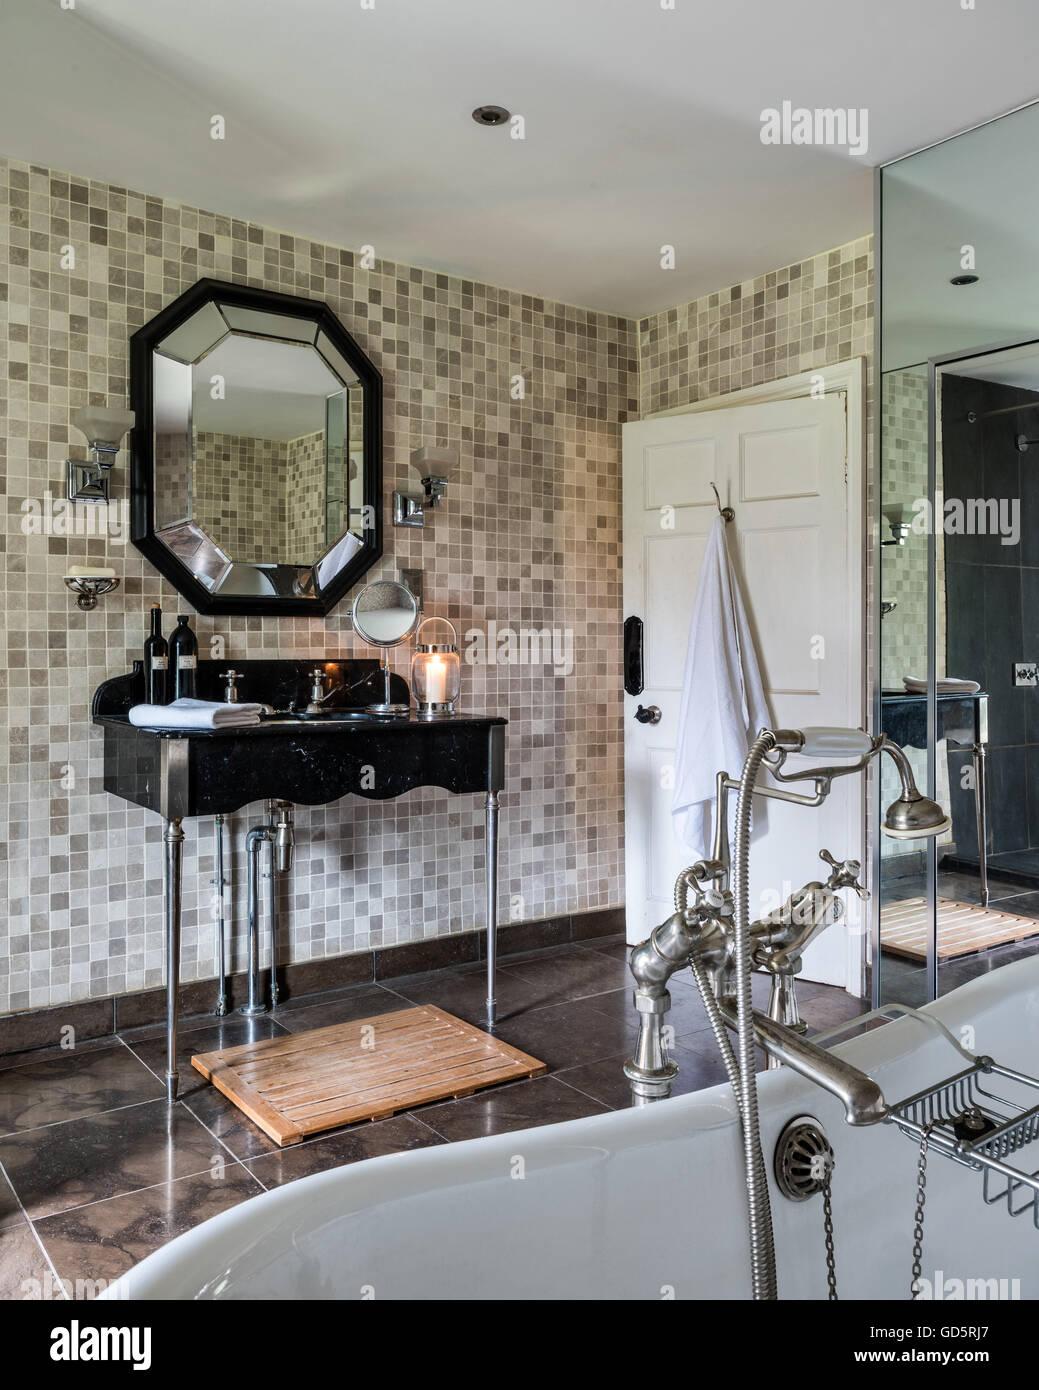 Sechseckige Spiegel über Wäsche stehen in gefliesten Badezimmer des ...